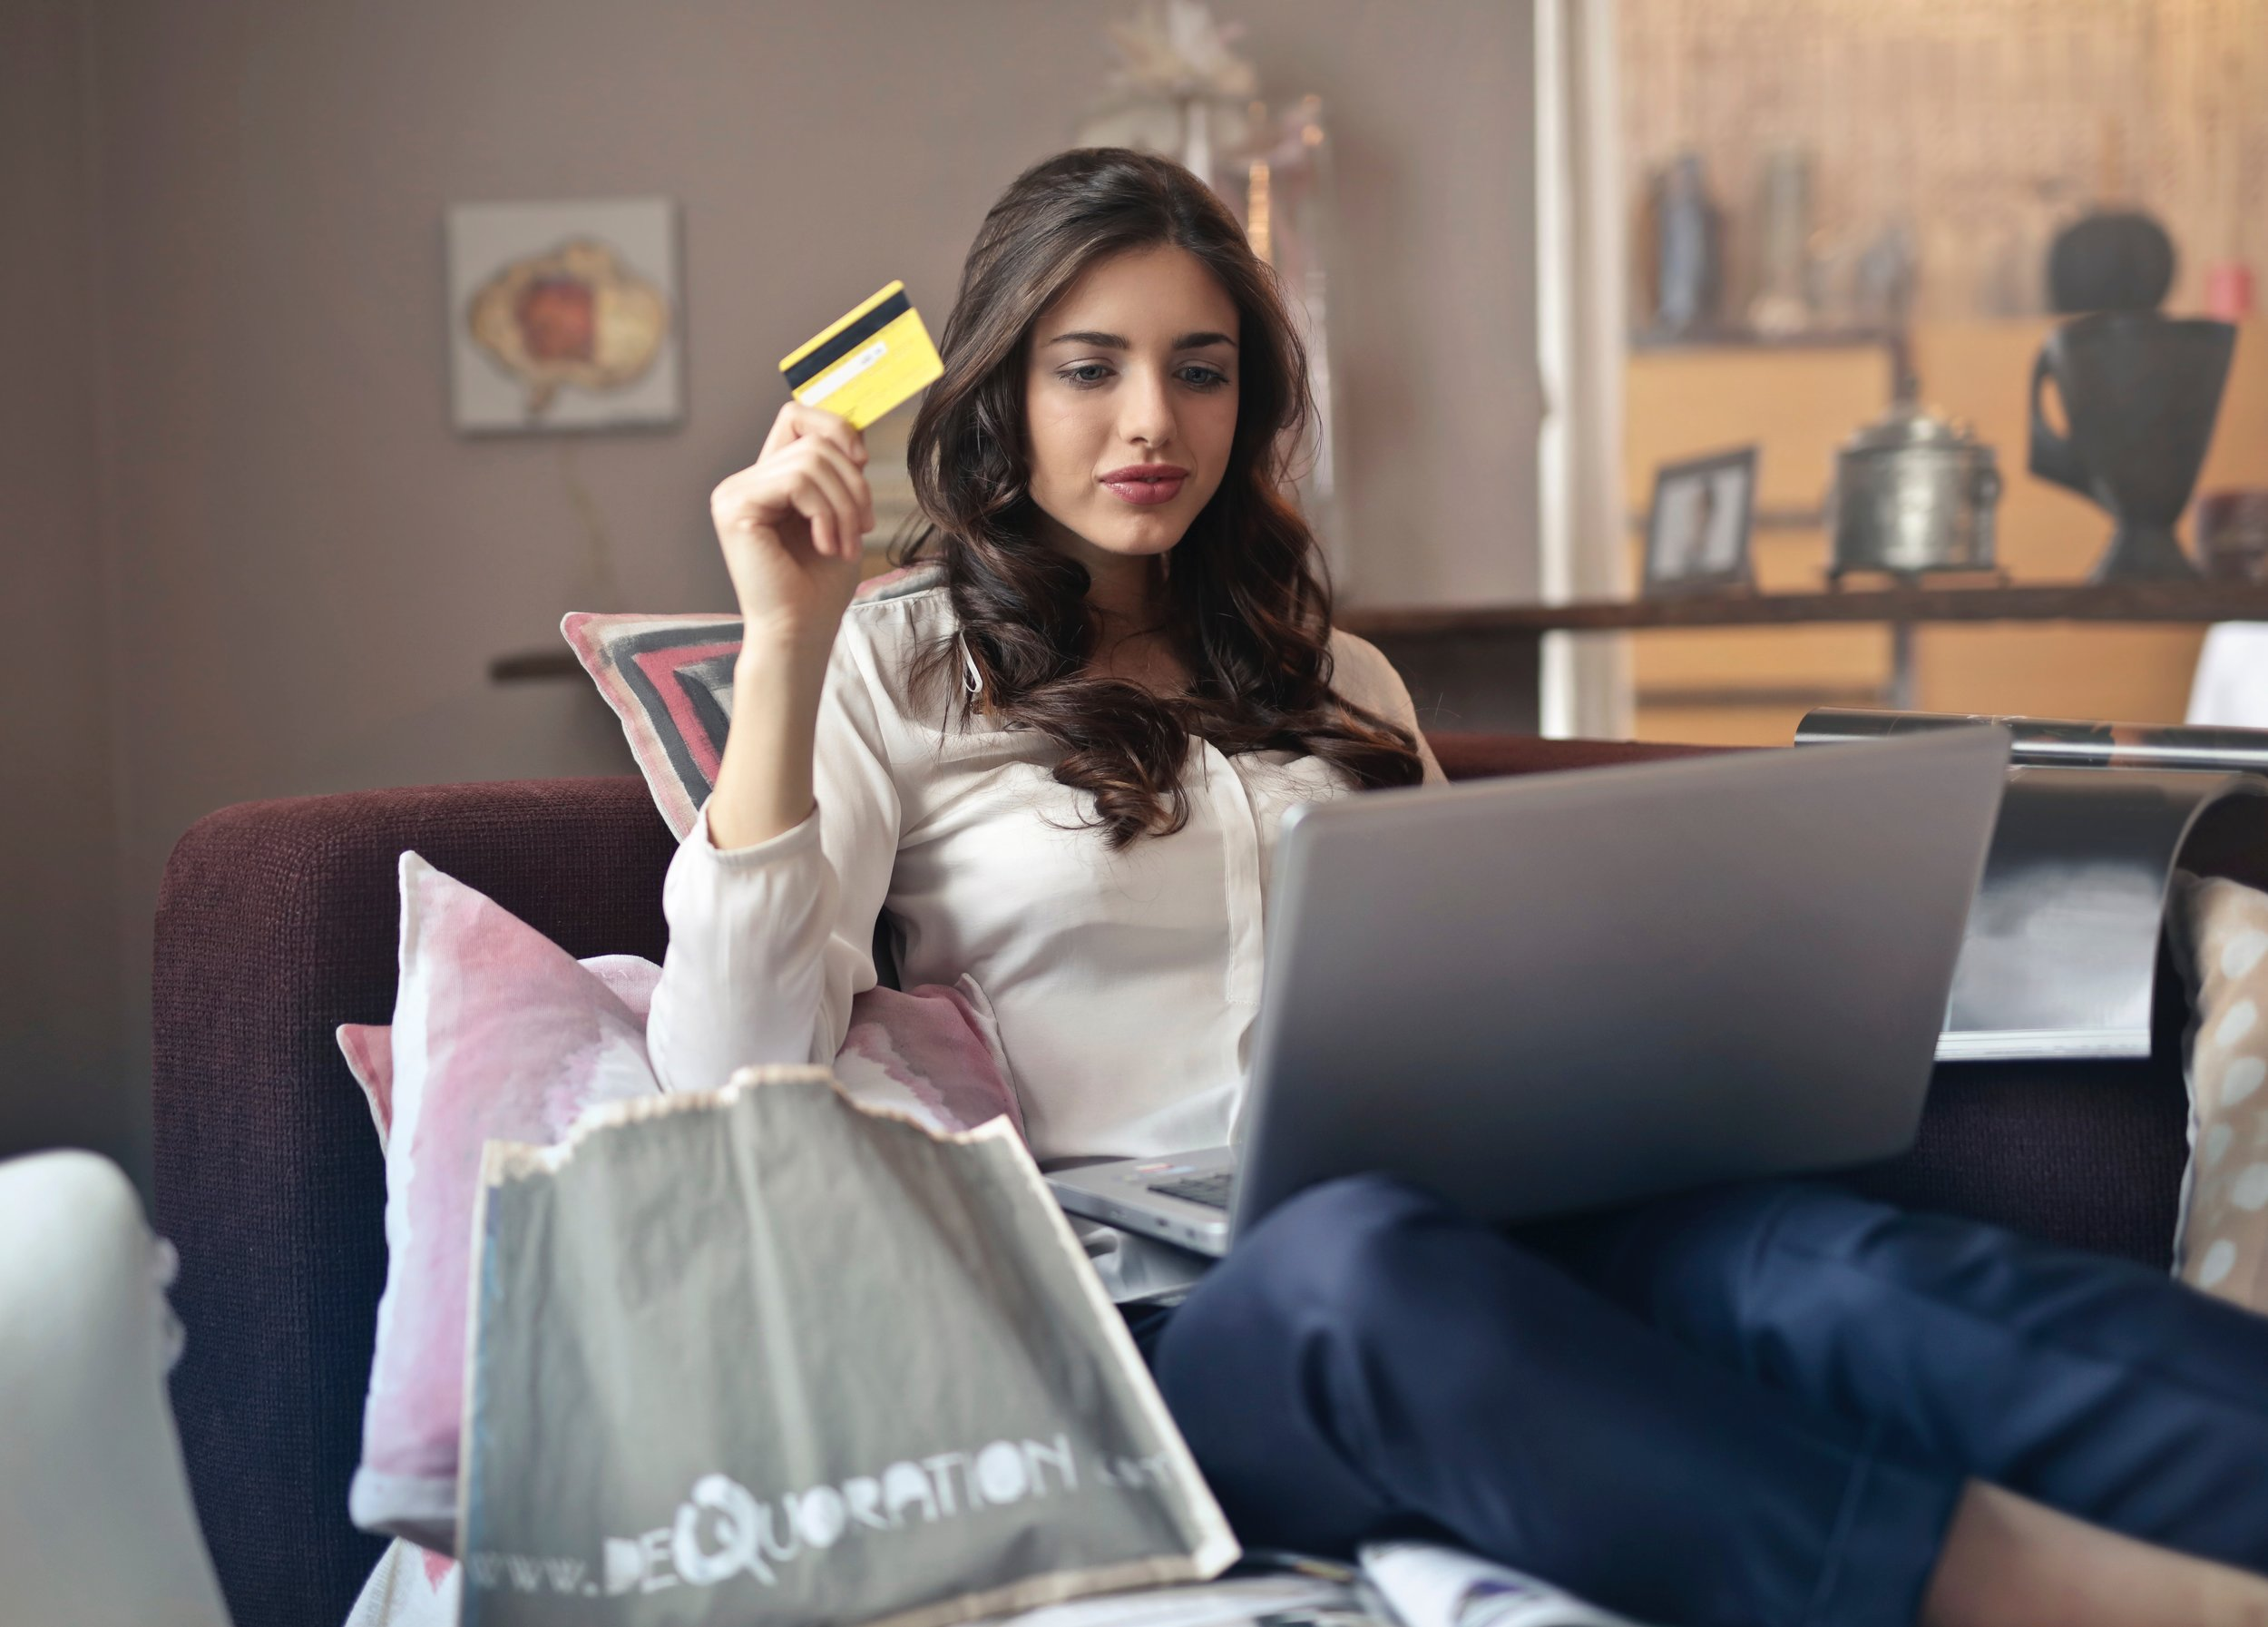 Download a travel budget worksheet. -